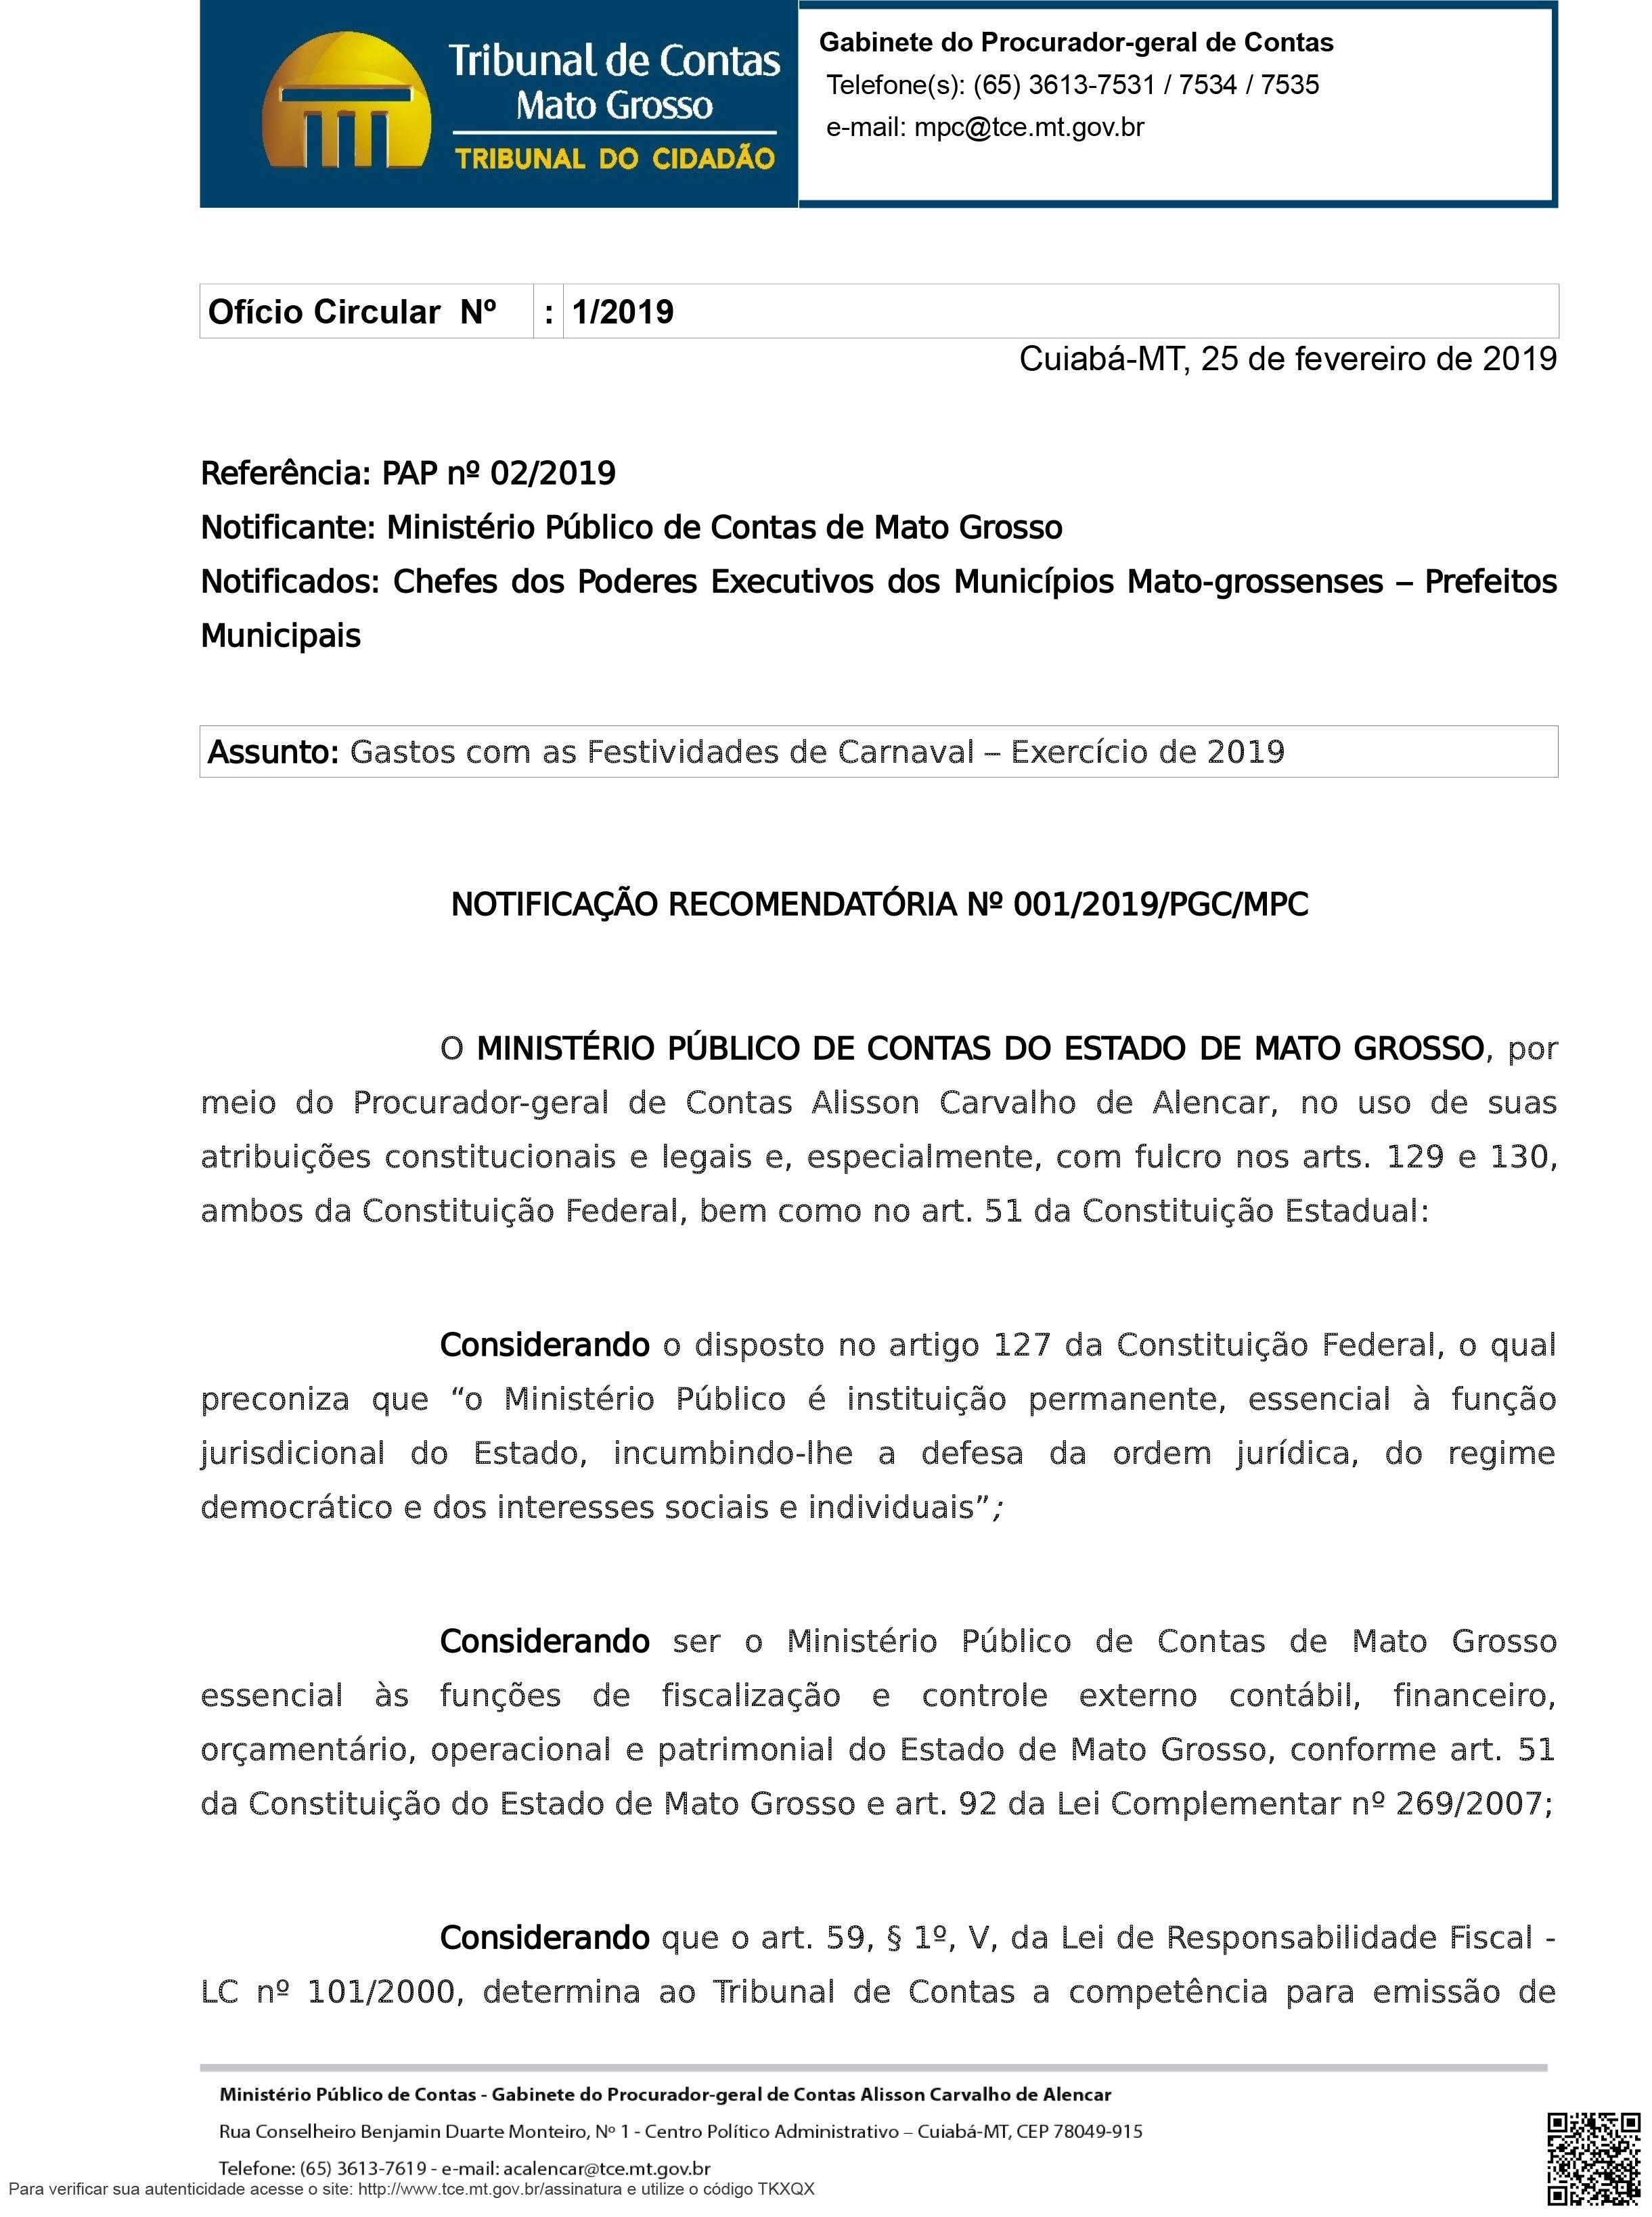 OFÍCIO CIRCULAR 01-2019 FESTIVIDADES DE CARNAVAL-1